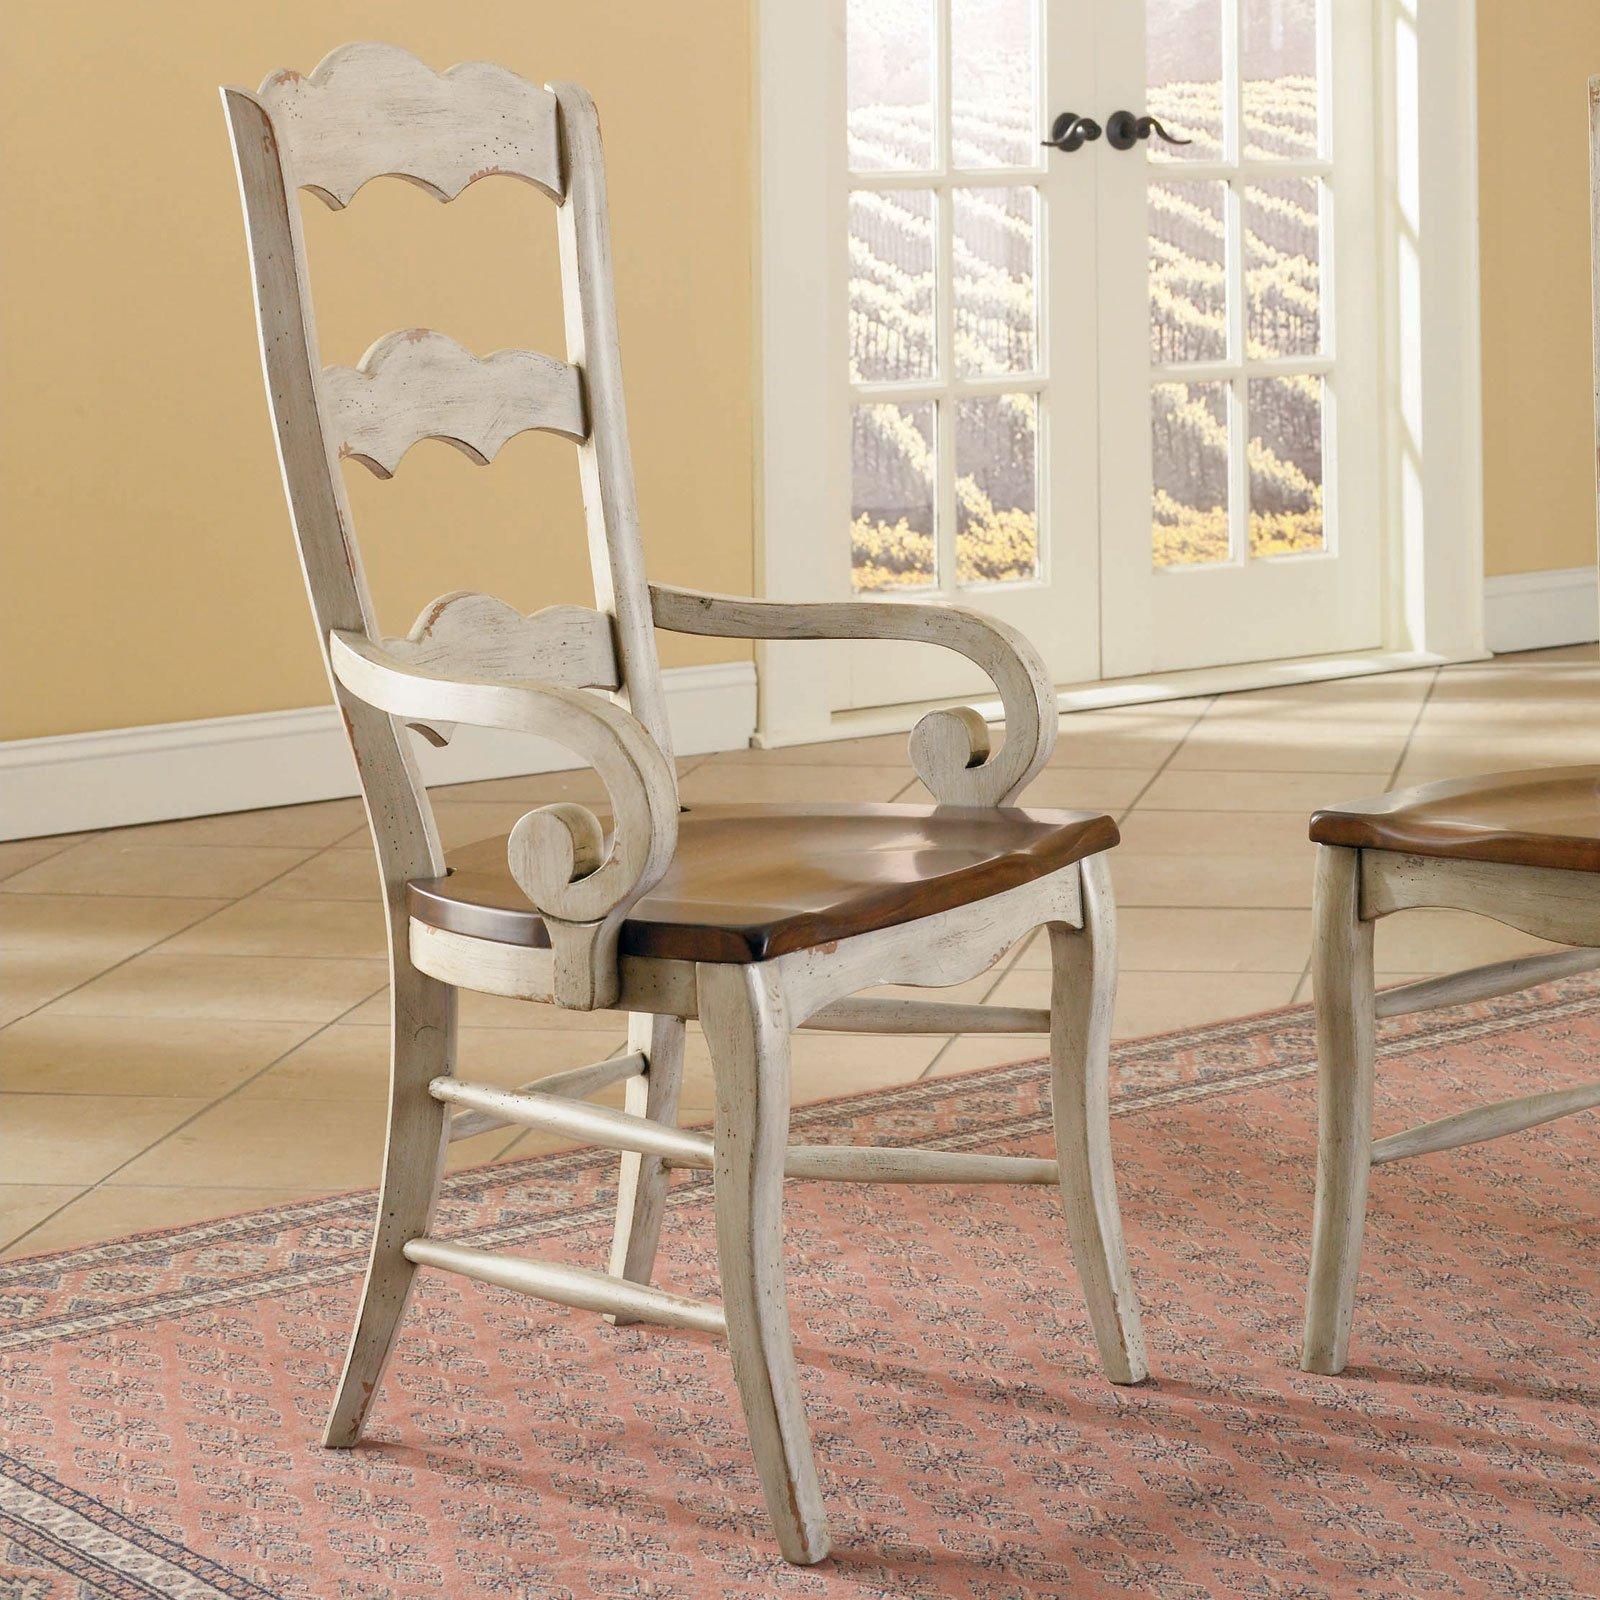 antique white kitchen chairs white kitchen chairs Antique white kitchen chairs Photo 6